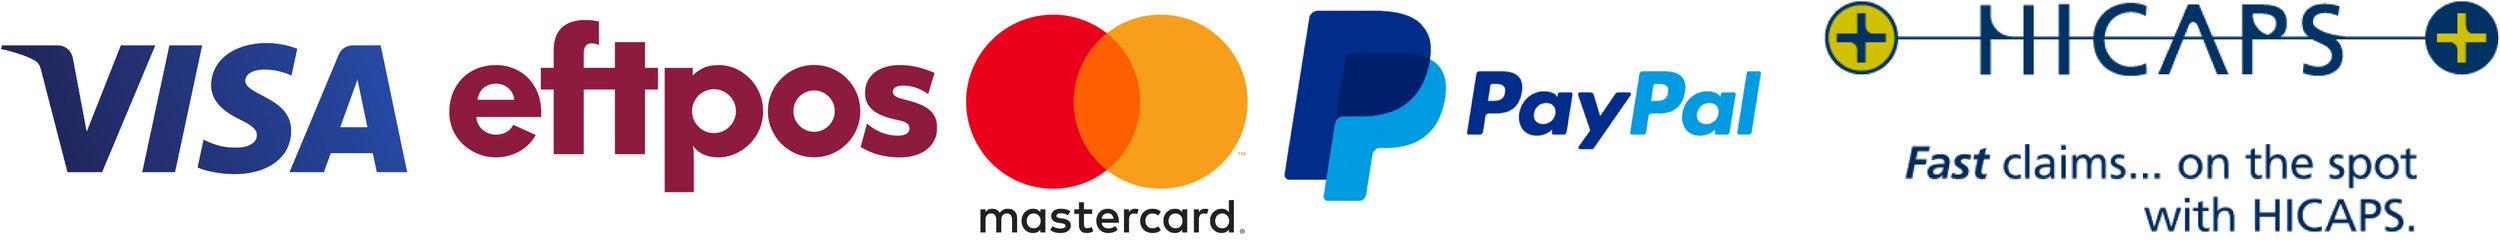 payment logos.jpg